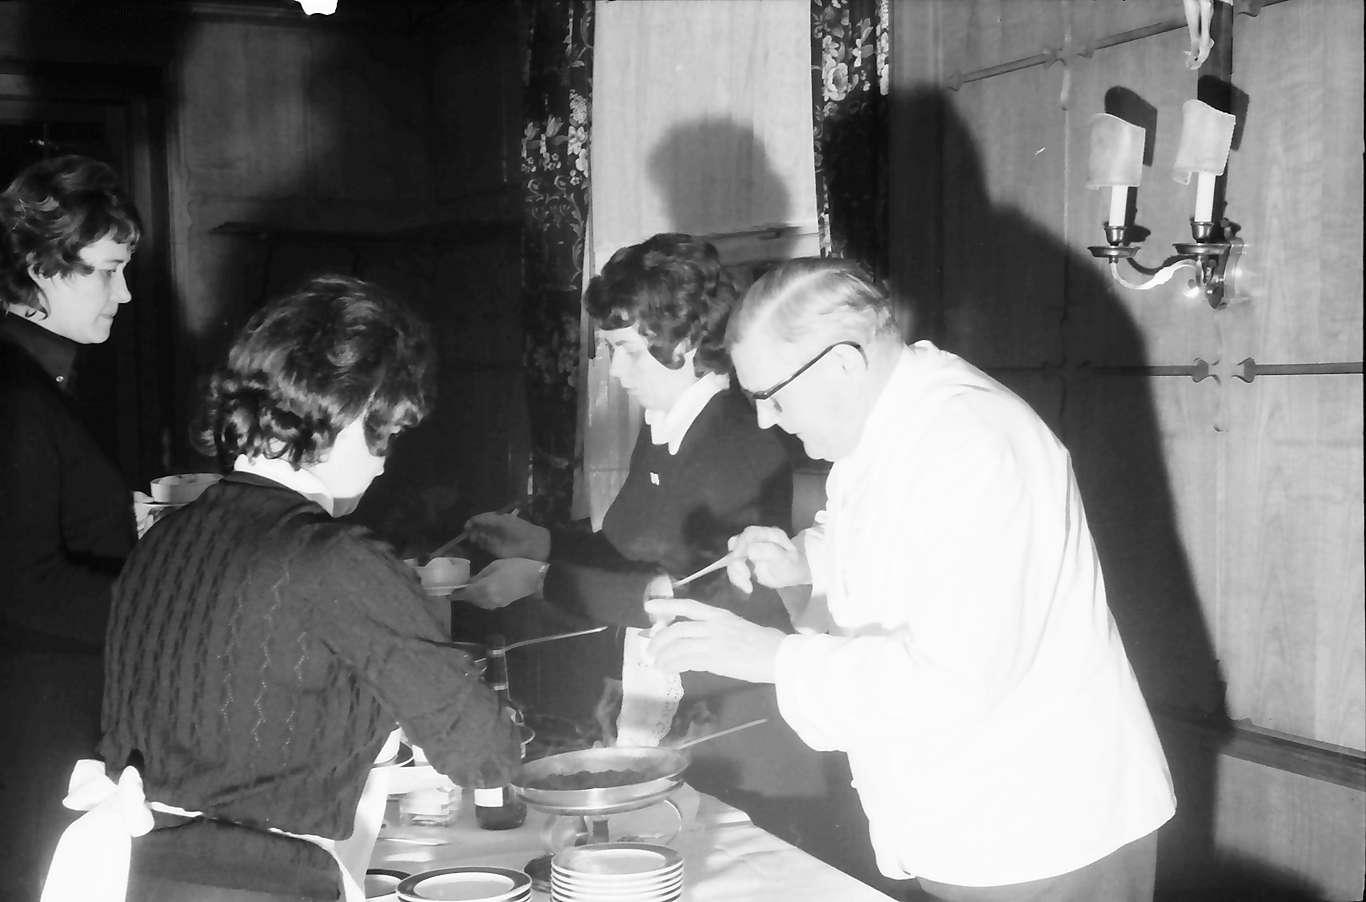 Horben: Hotel Engel; Empfang des Konsularischen Corps Freiburg, Bild 1